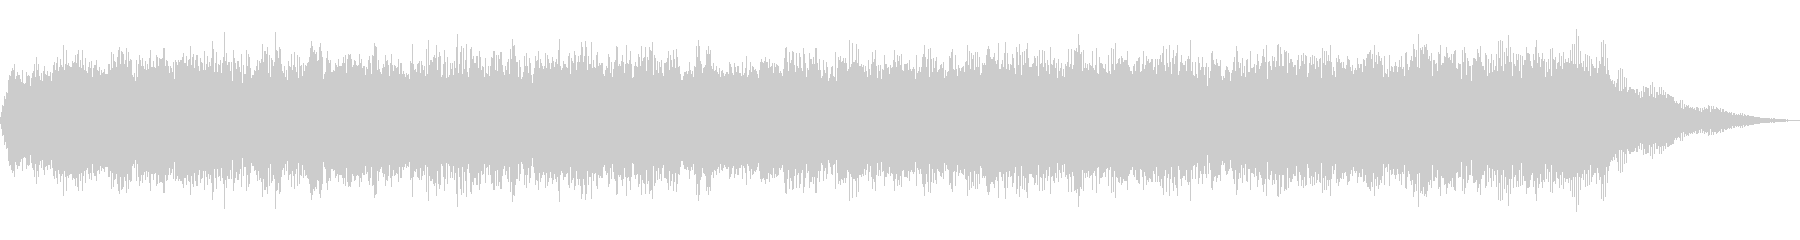 心地よいクワイア系ジングル Ver.04の未再生の波形